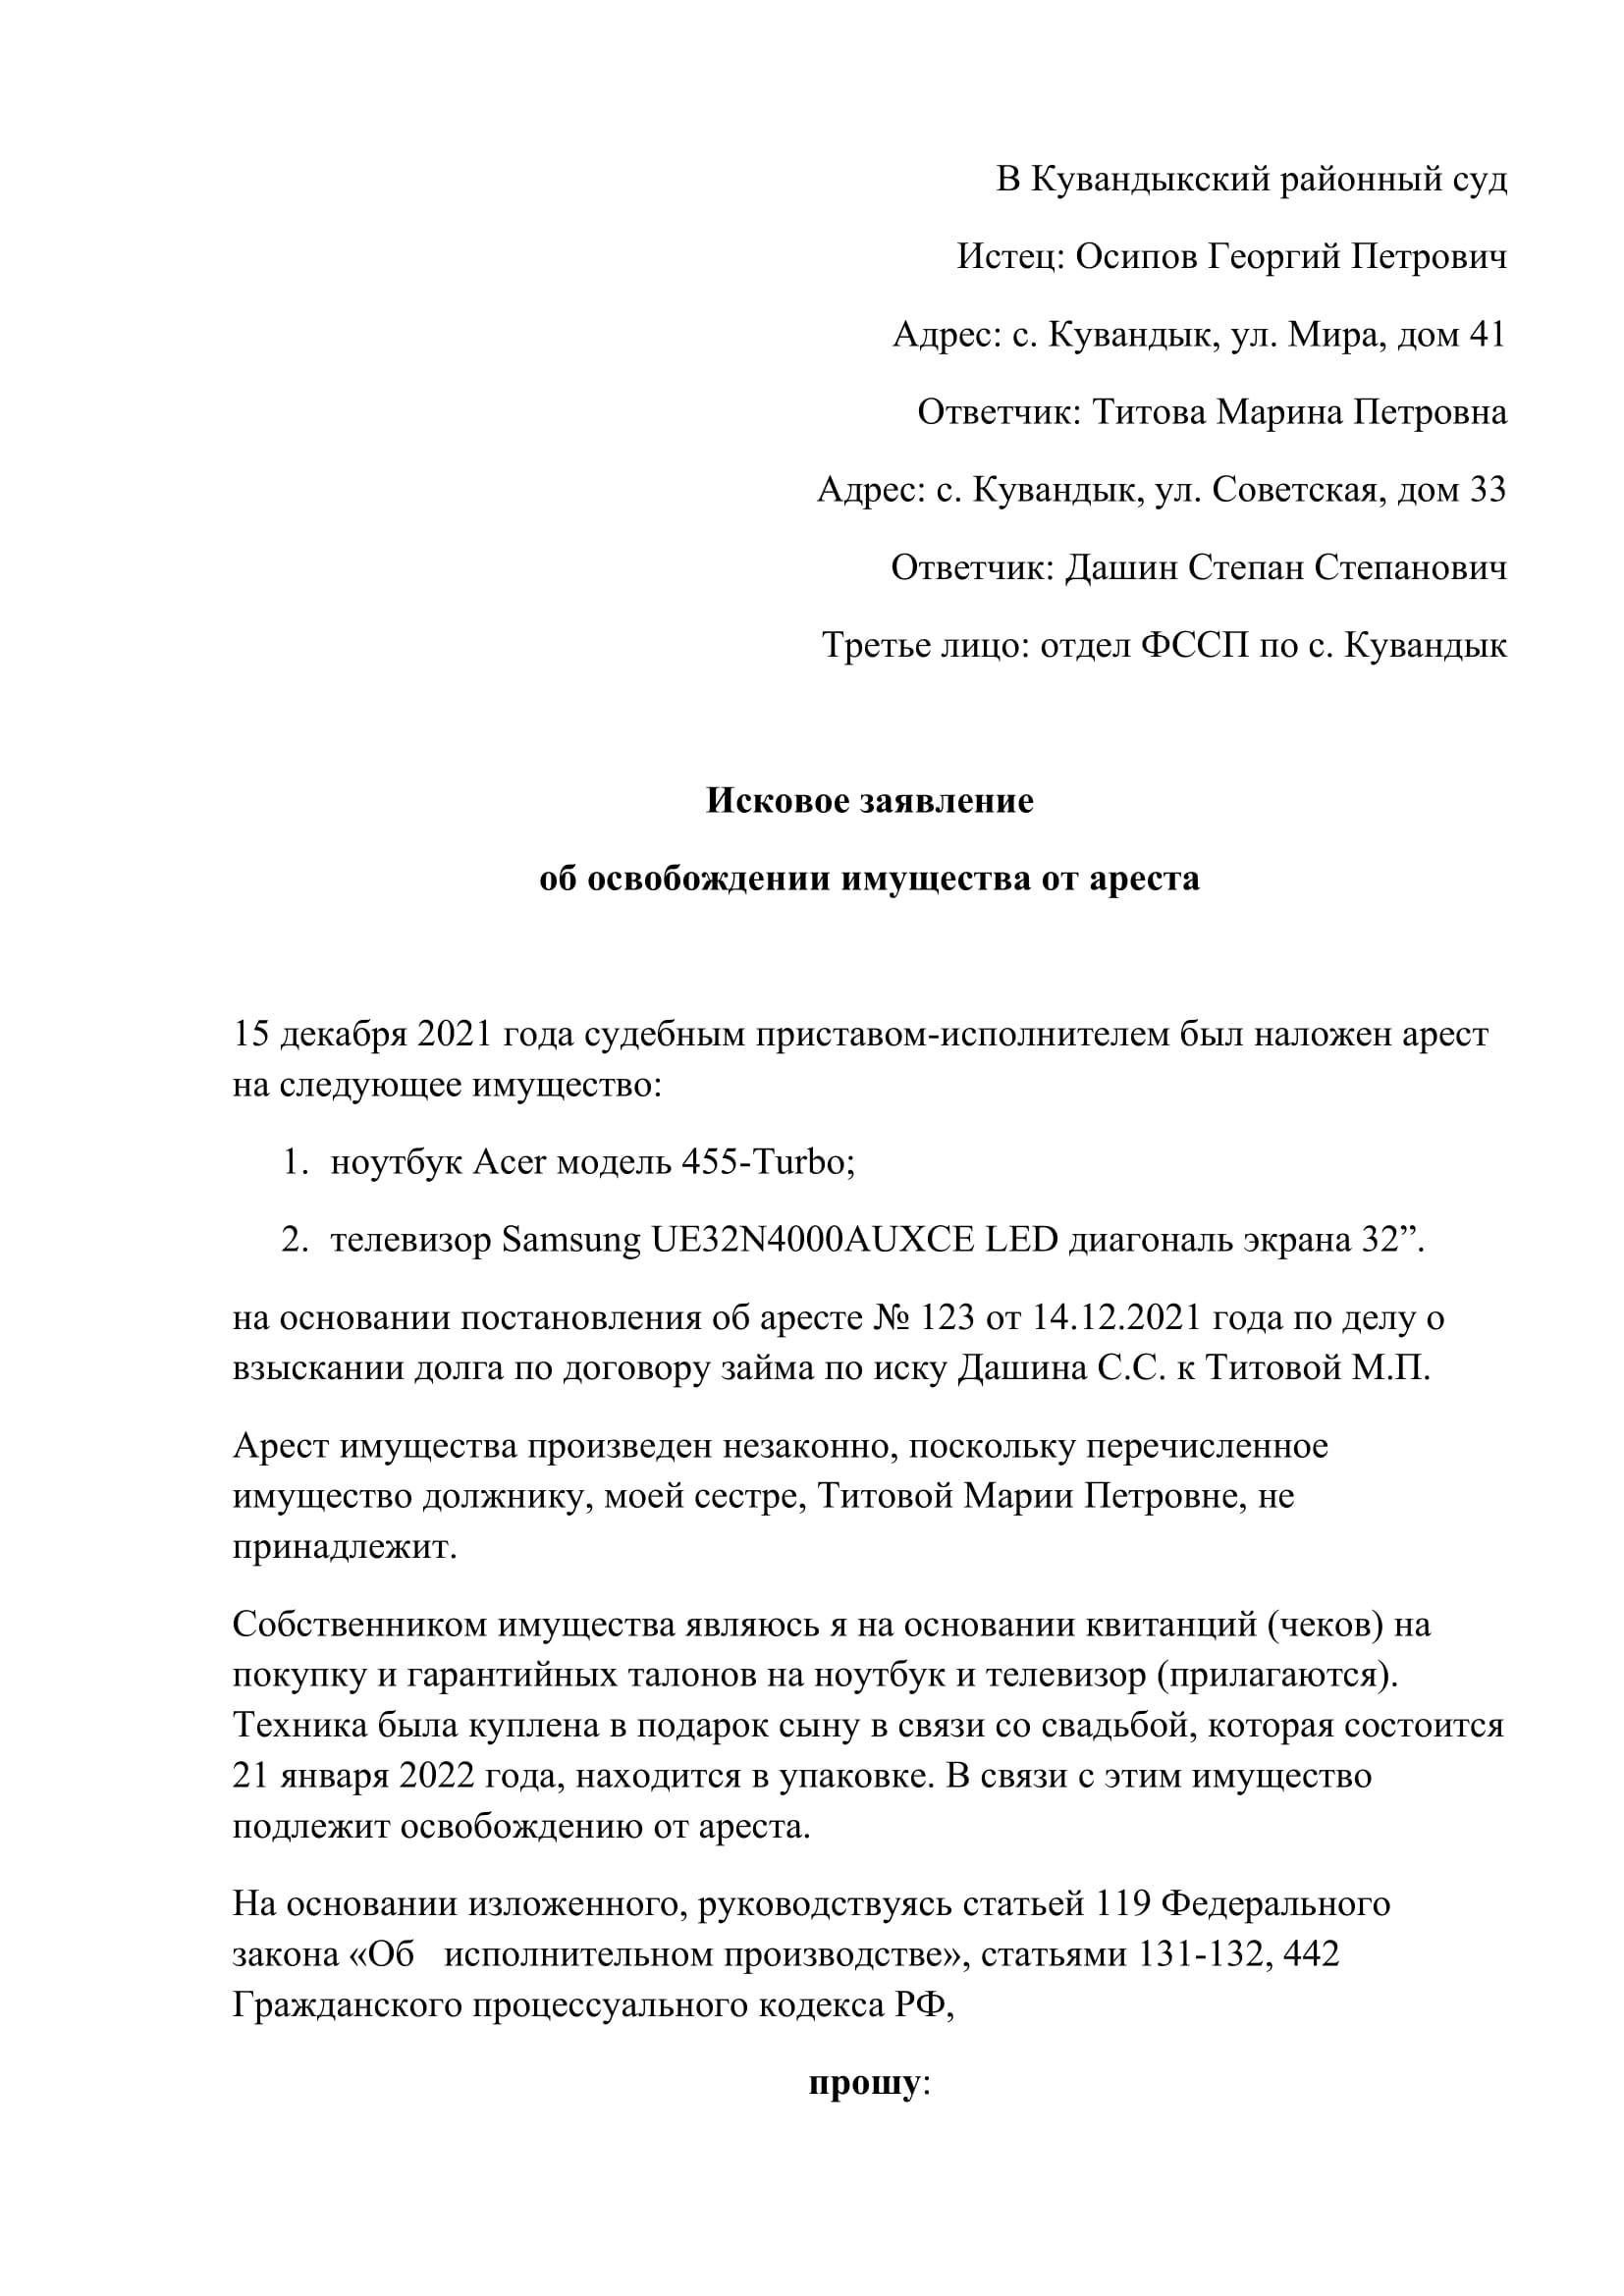 Договор залога имущества между юридическими лицами для обеспечения обязательств